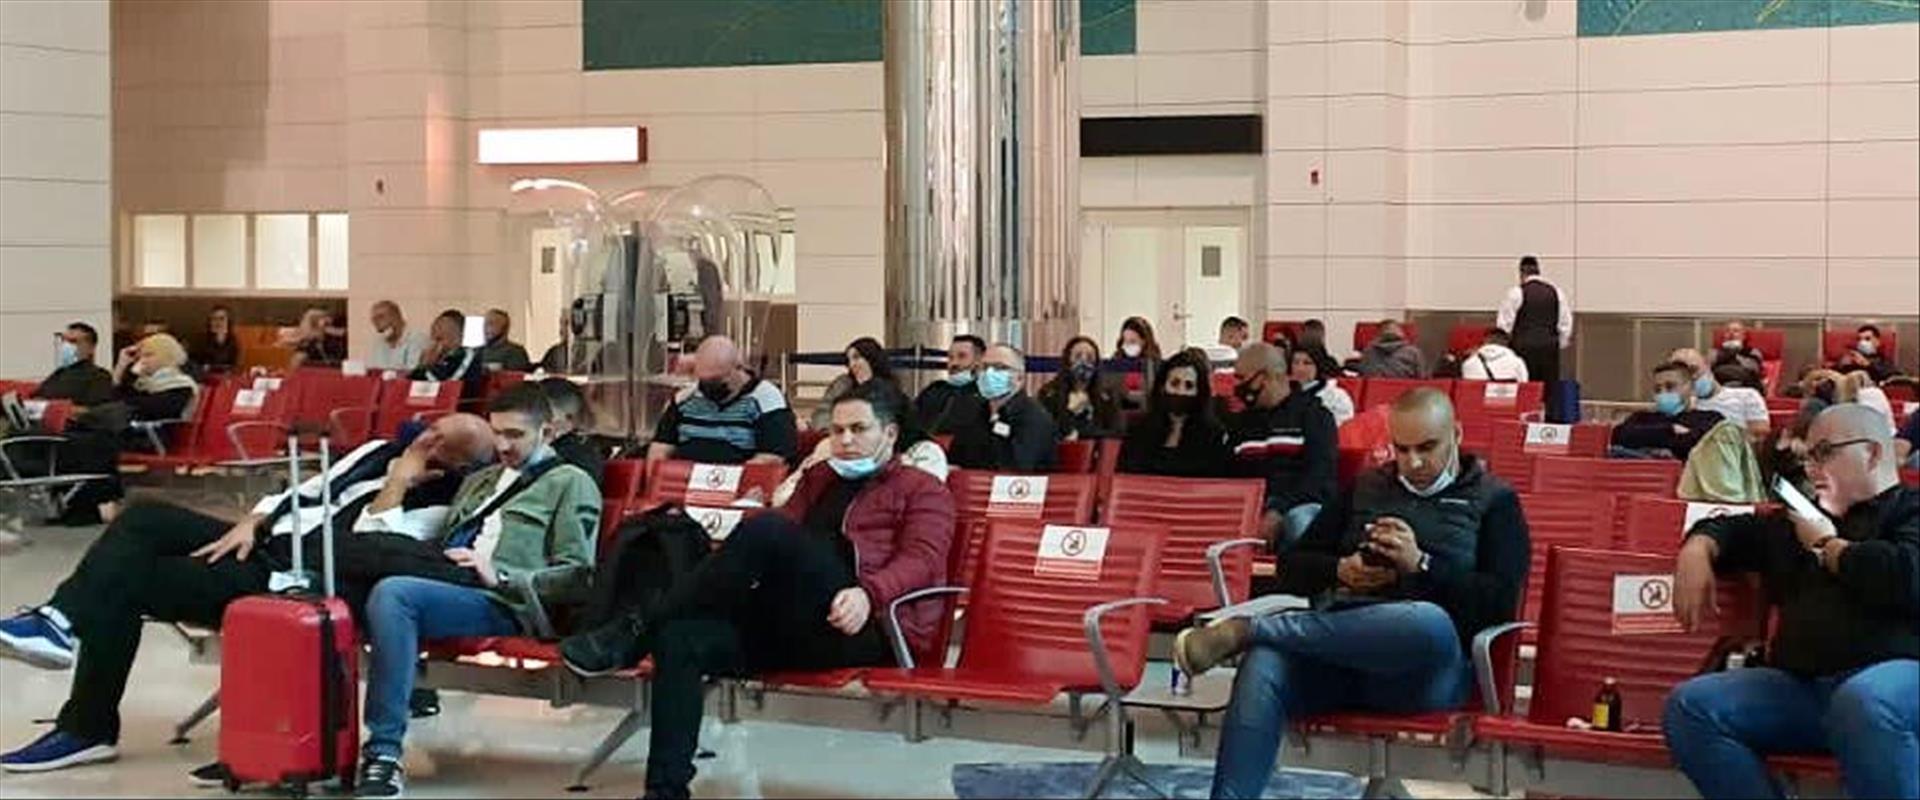 ישראלים מעוכבים בשדה התעופה בדובאי לפני חודש